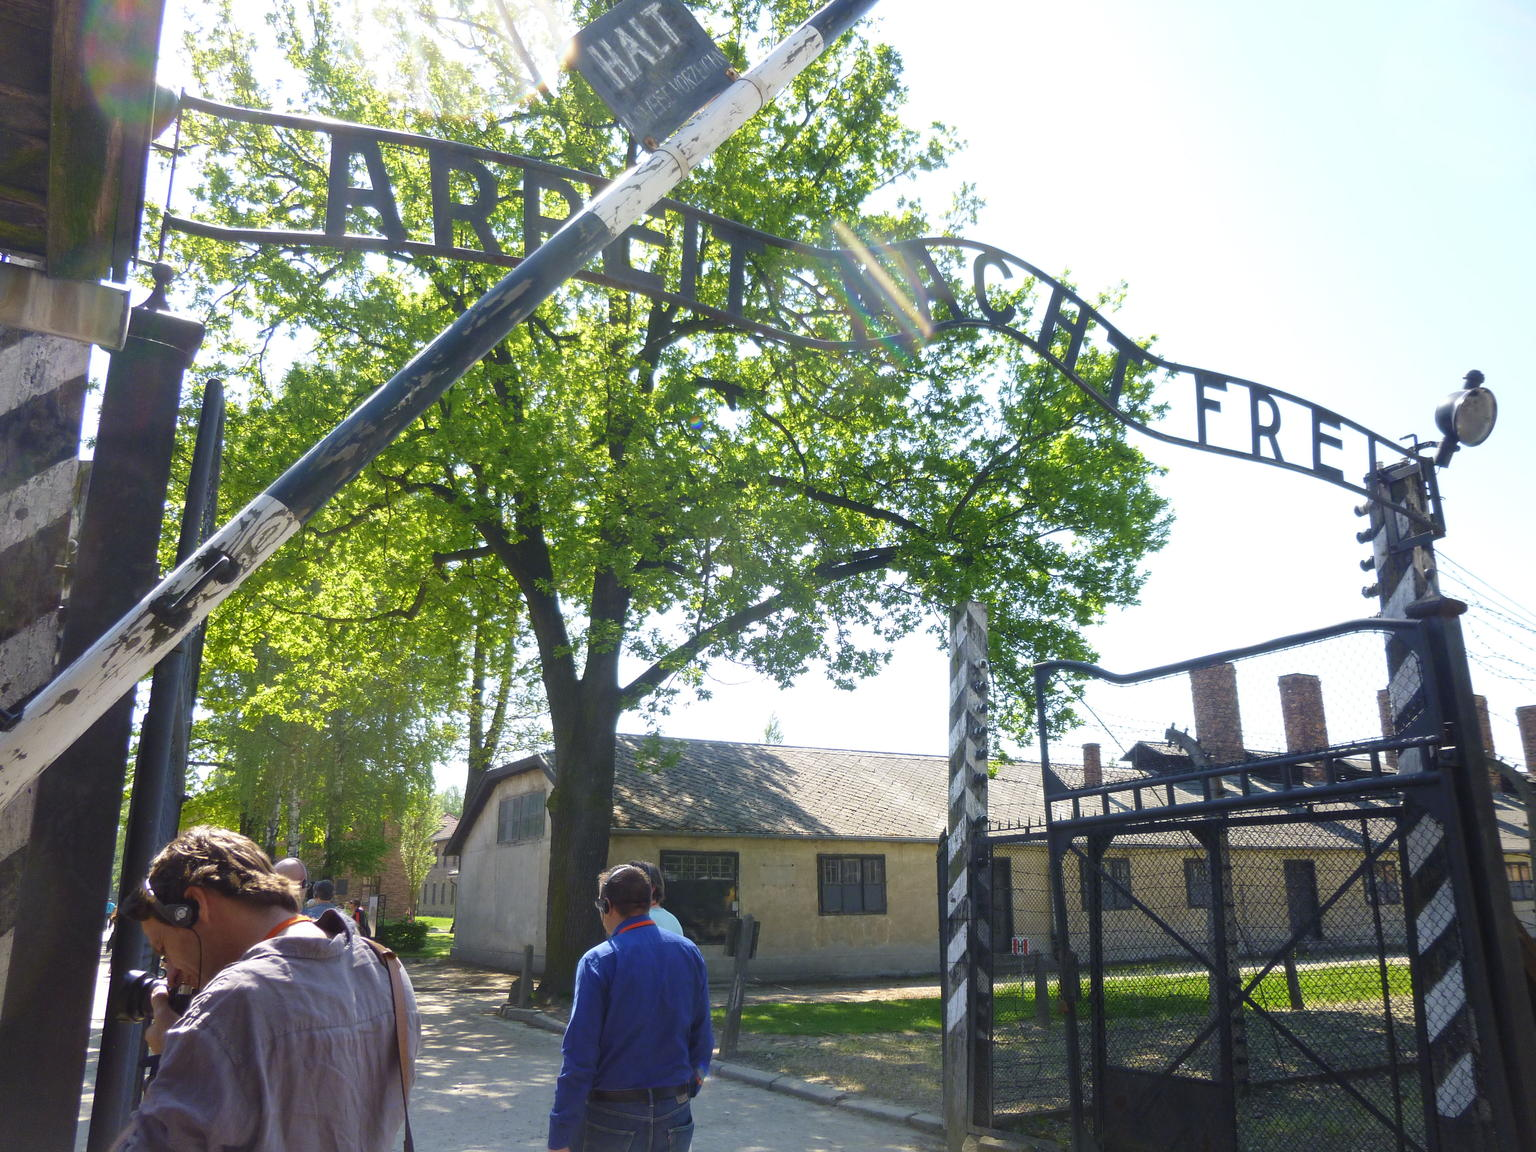 MÁS FOTOS, Excursión para grupos a Auschwitz-Birkenau desde Cracovia